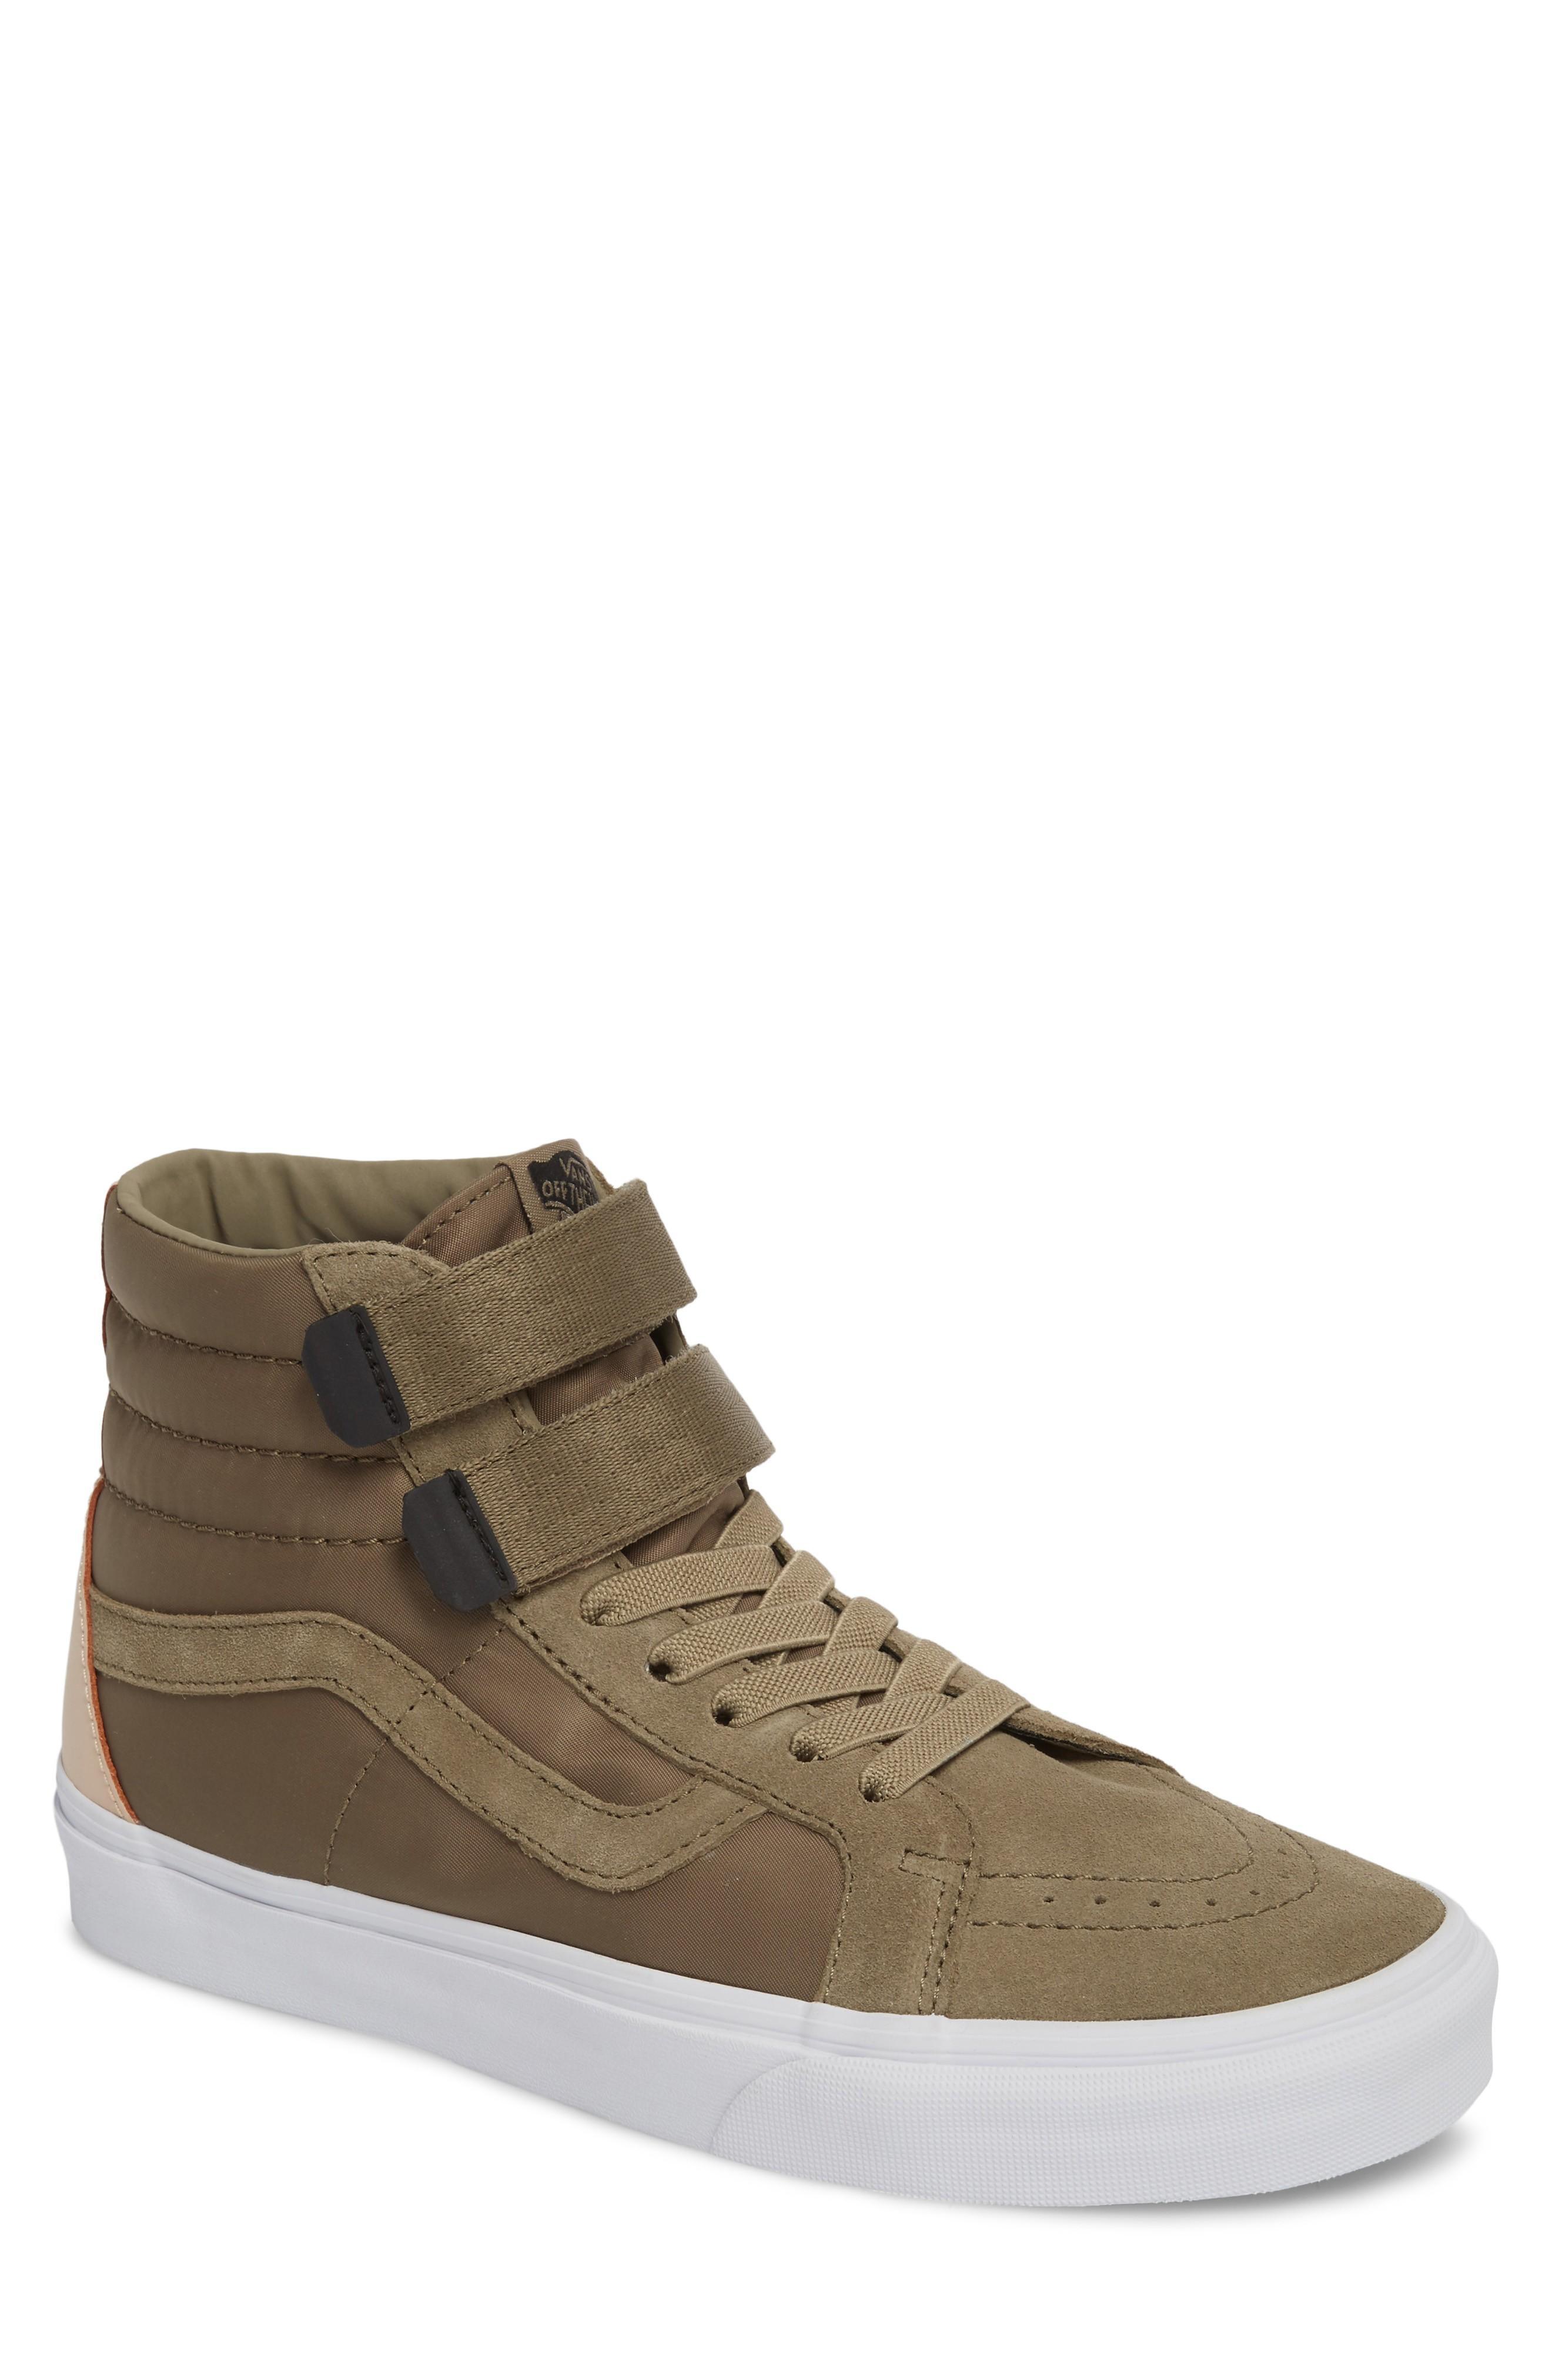 1f6b296ebe Vans Sk8-Hi Reissue V Sneaker In Dusky Green Leather